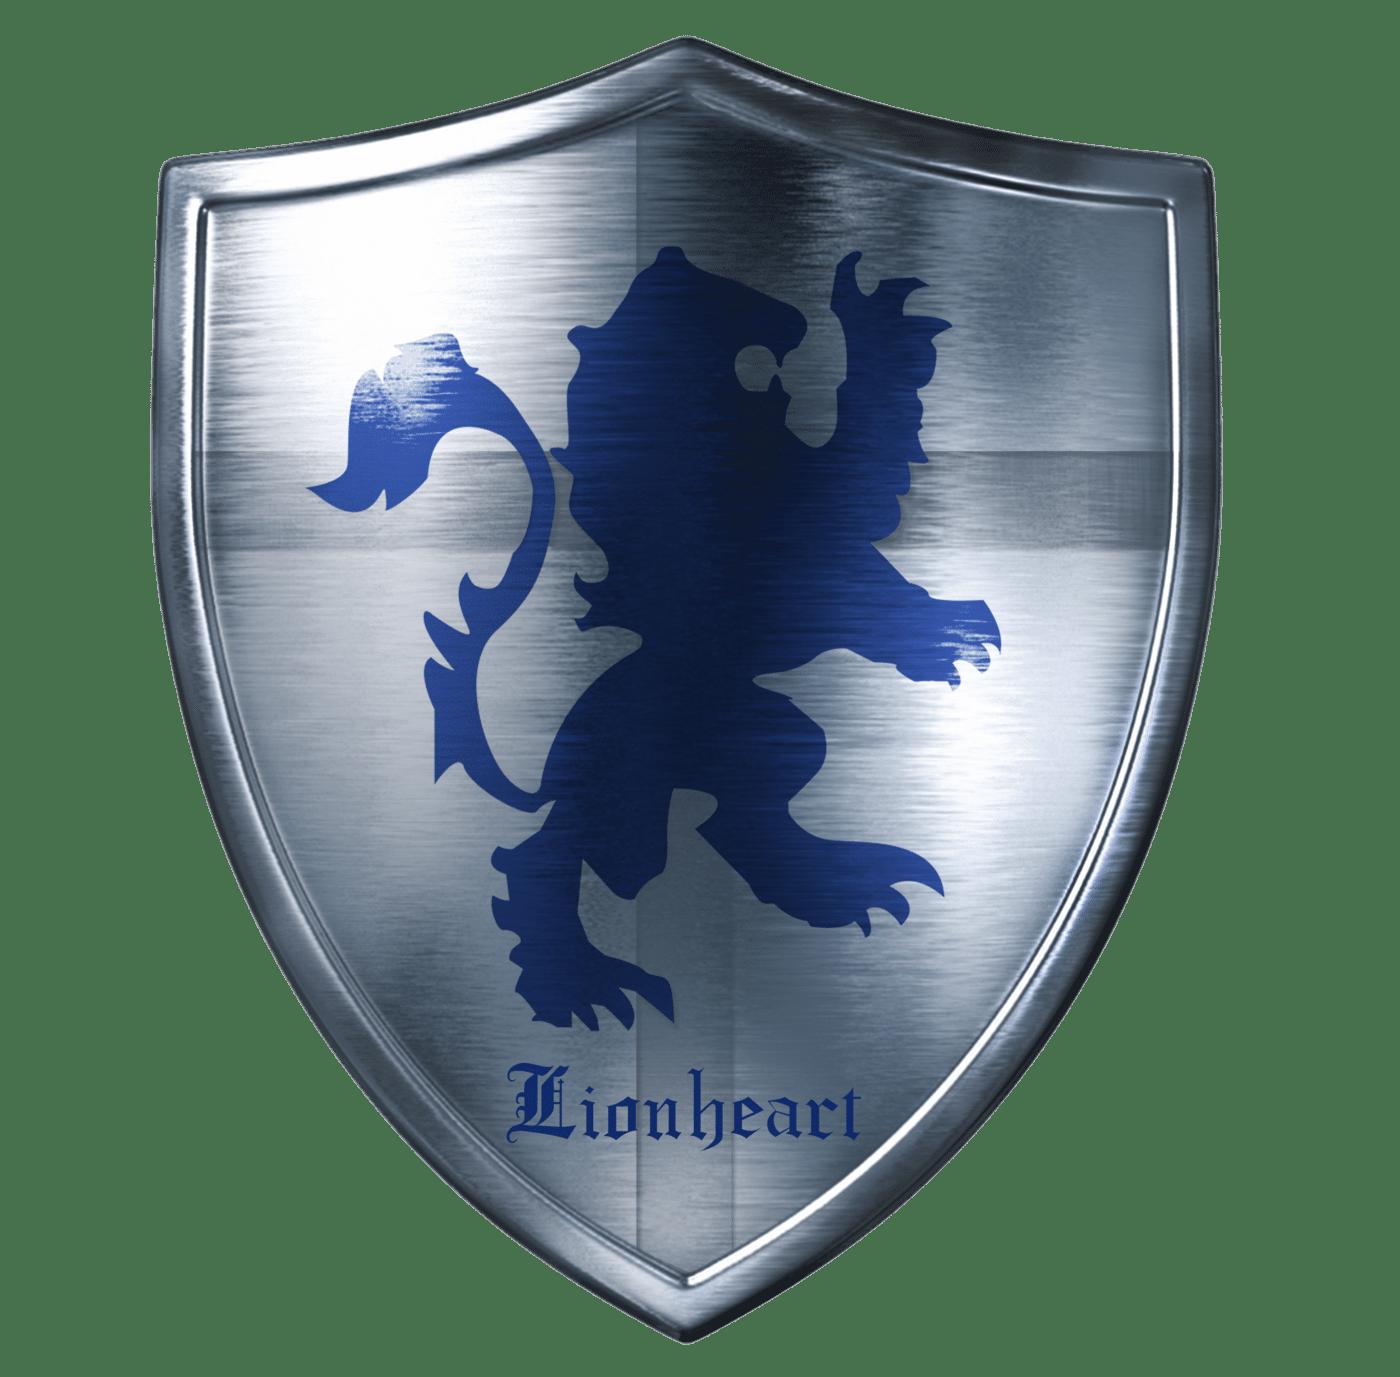 Team Lionheart